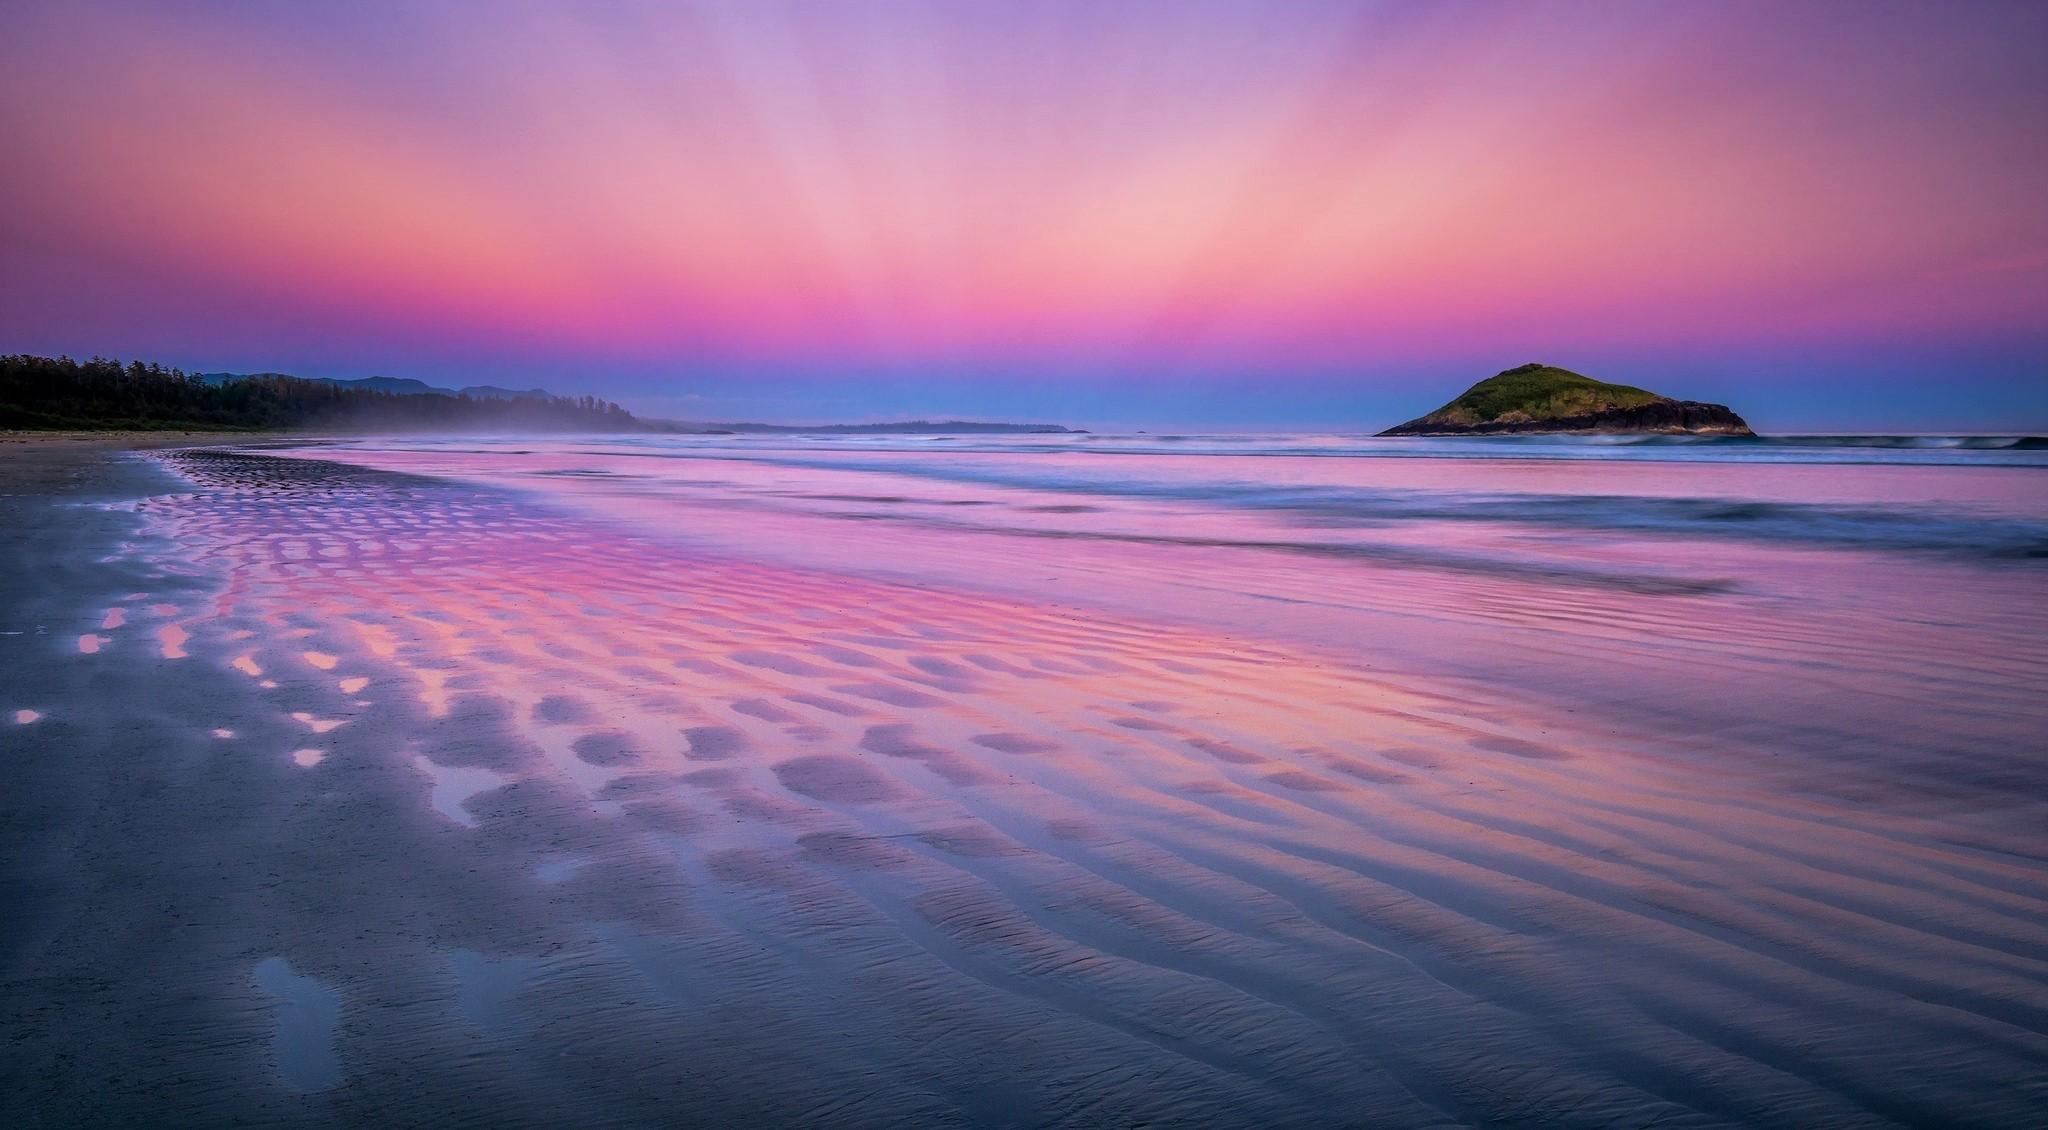 Pink Beach Sunset Wallpaper: Beach Sunset HD Wallpaper